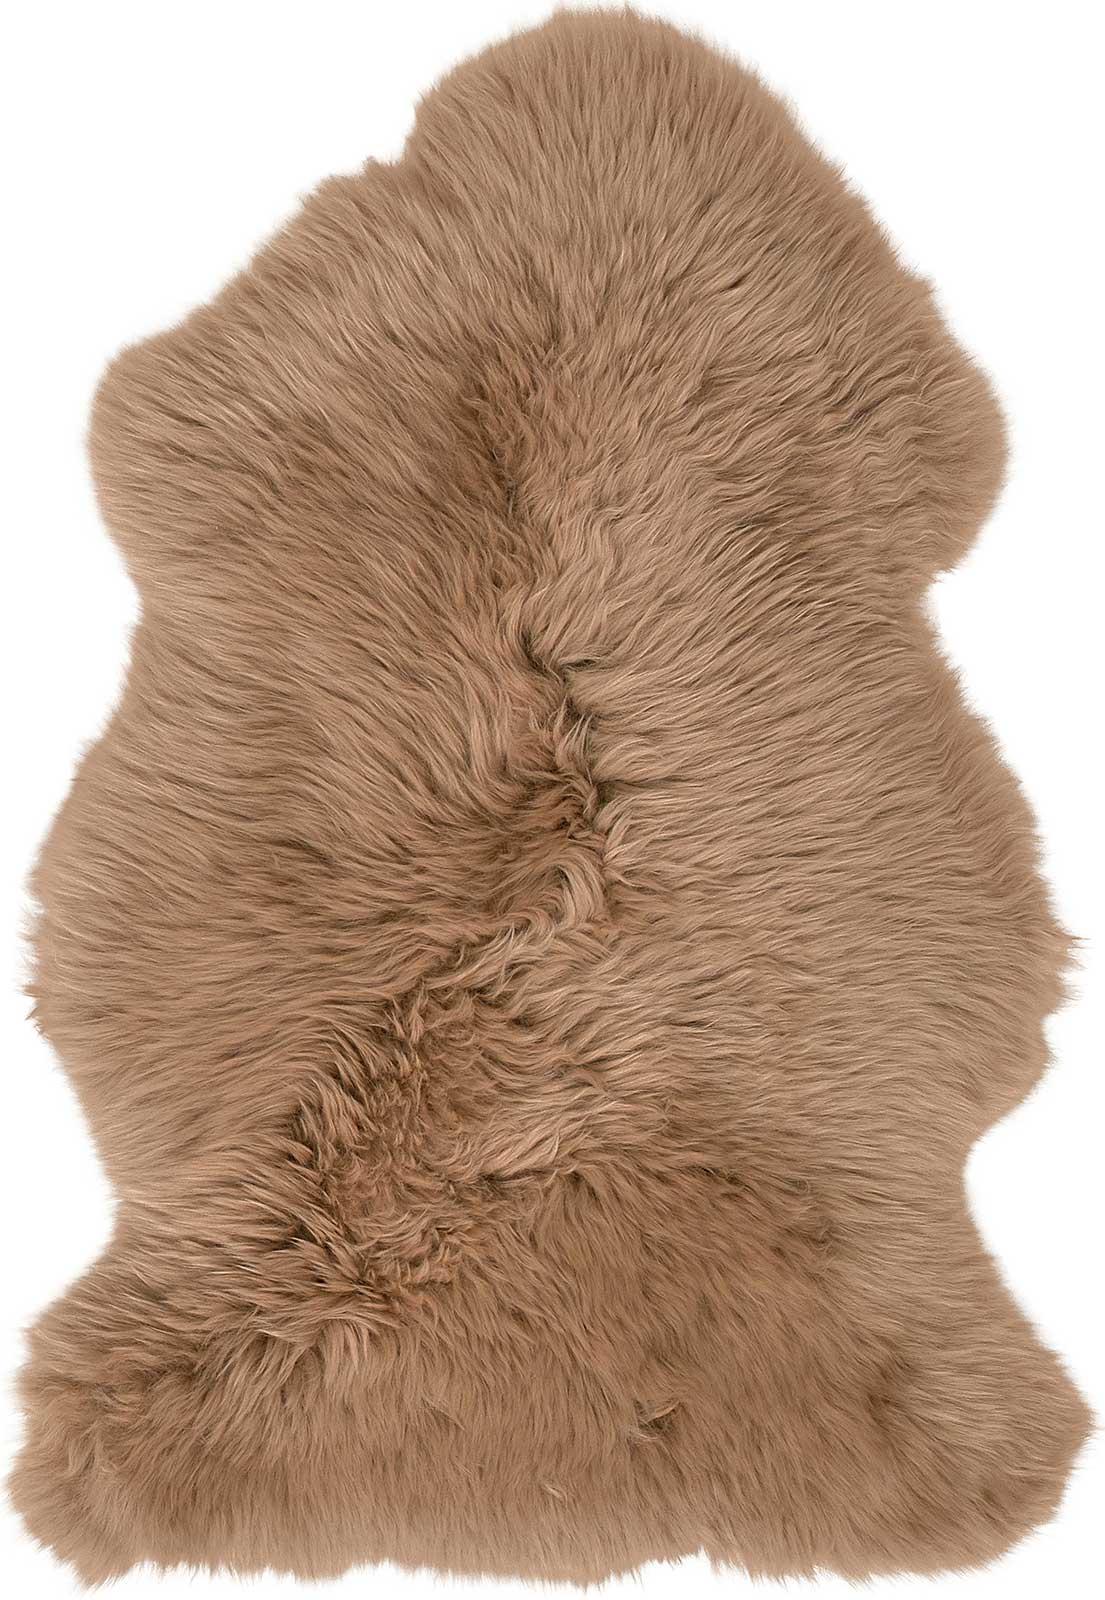 Véritable peau de mouton de nouvelle Zélande. Douce et naturelle. Achetez en ligne nos peaux de mouton disponibles en 6 coloris. Livraision gratuite.